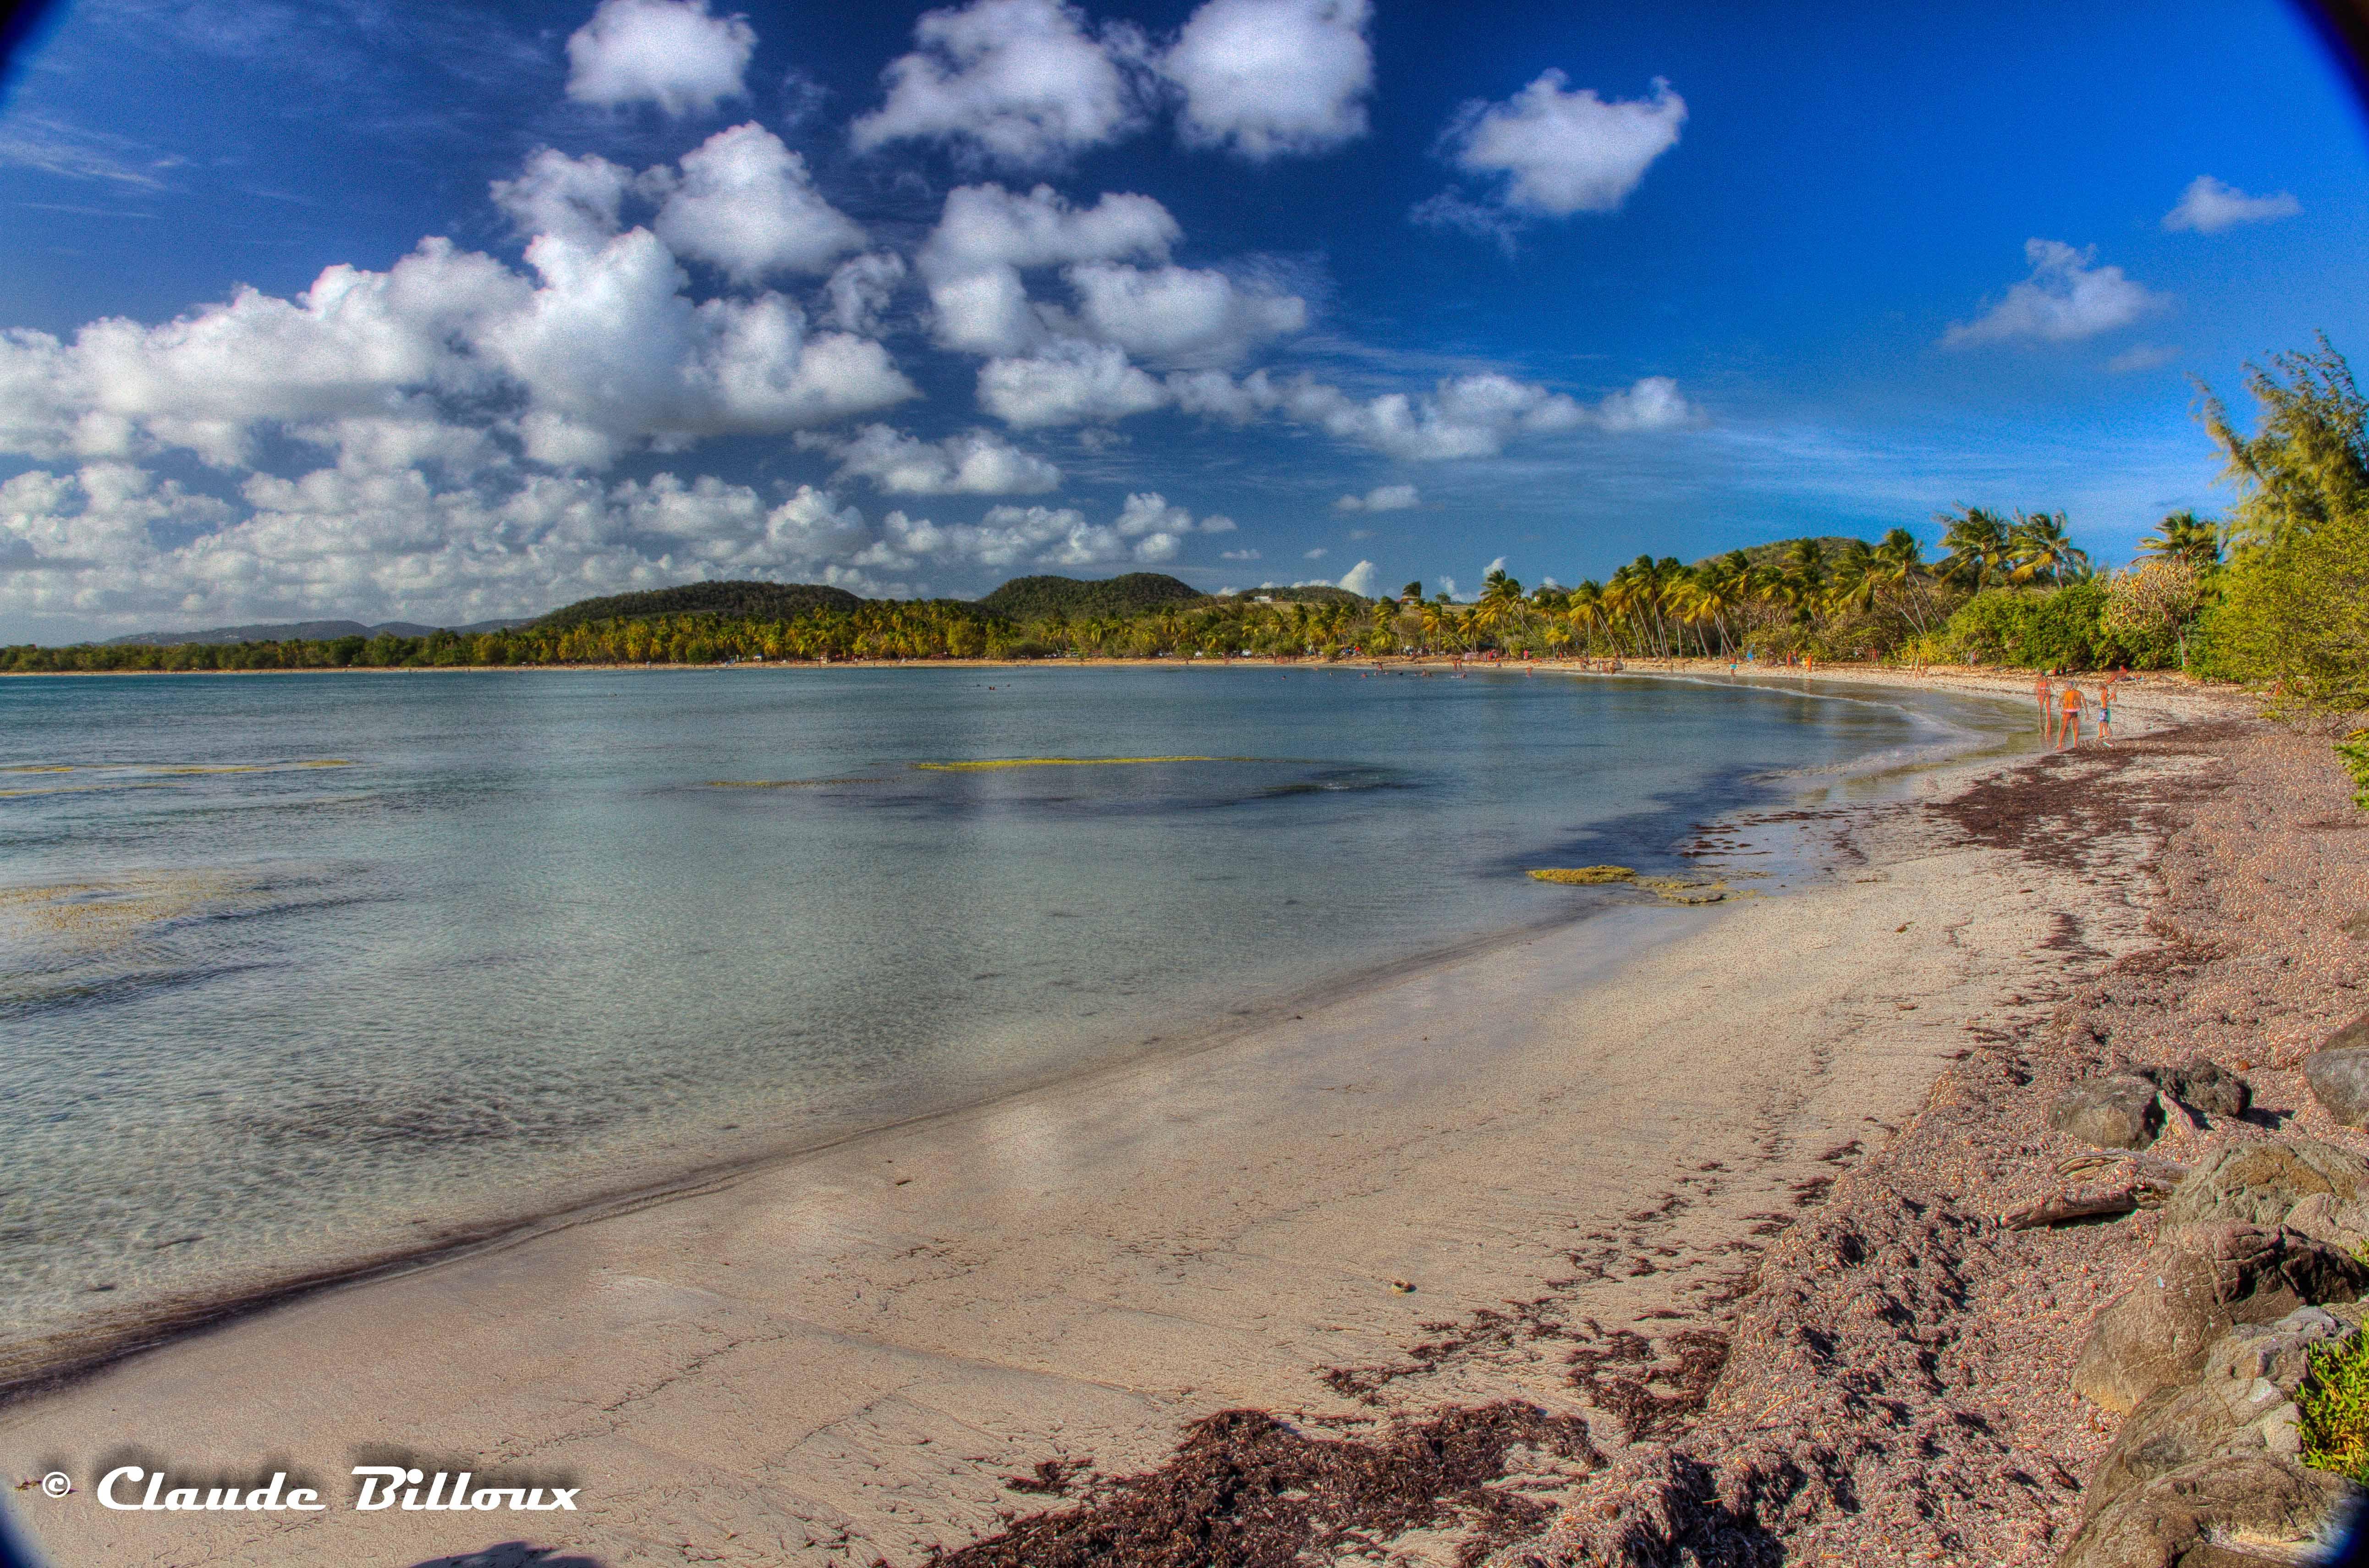 Martinique_0207_8_9_tonemapped.jpg